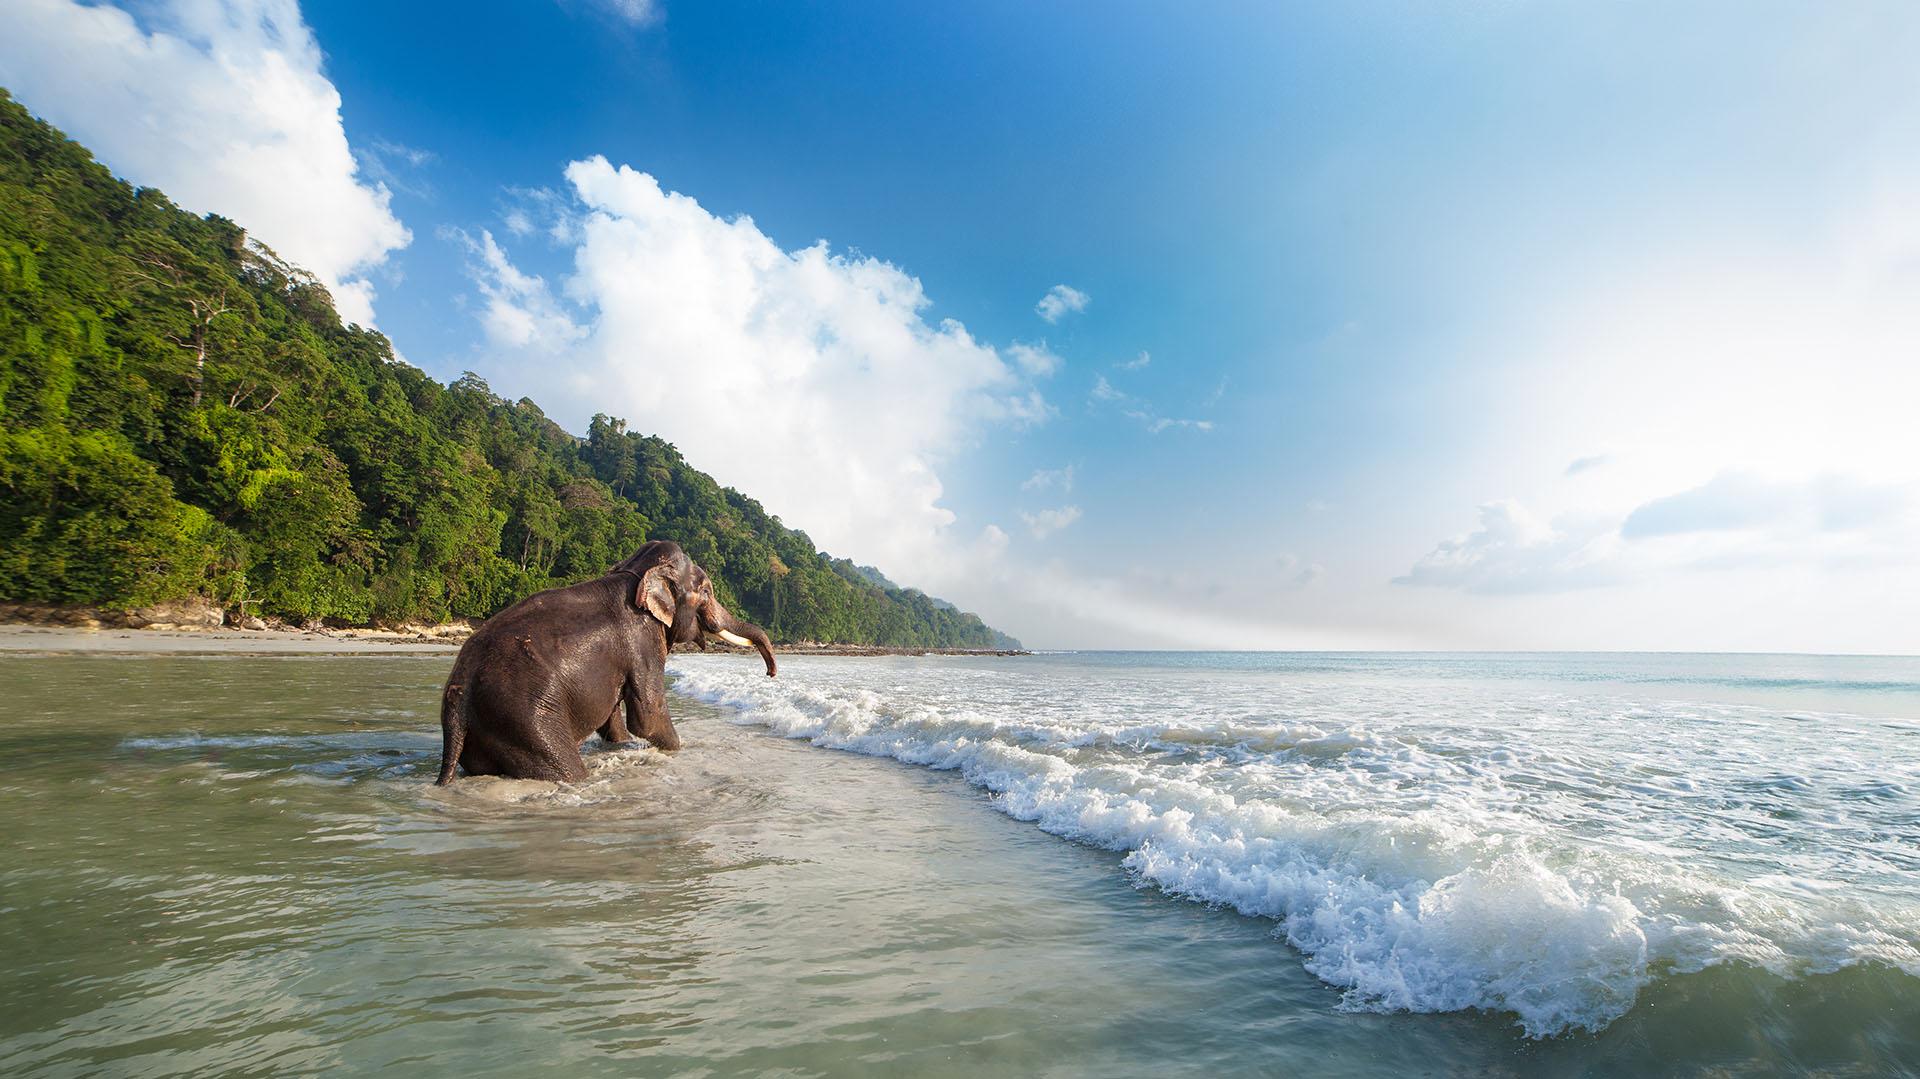 Para cualquiera que haya fantaseado con huir a una isla remota, las Islas Andaman son el lugar perfecto. Una cadena de más de 300 islas entre India y Tailandia, parecen casi demasiado perfectas para ser reales